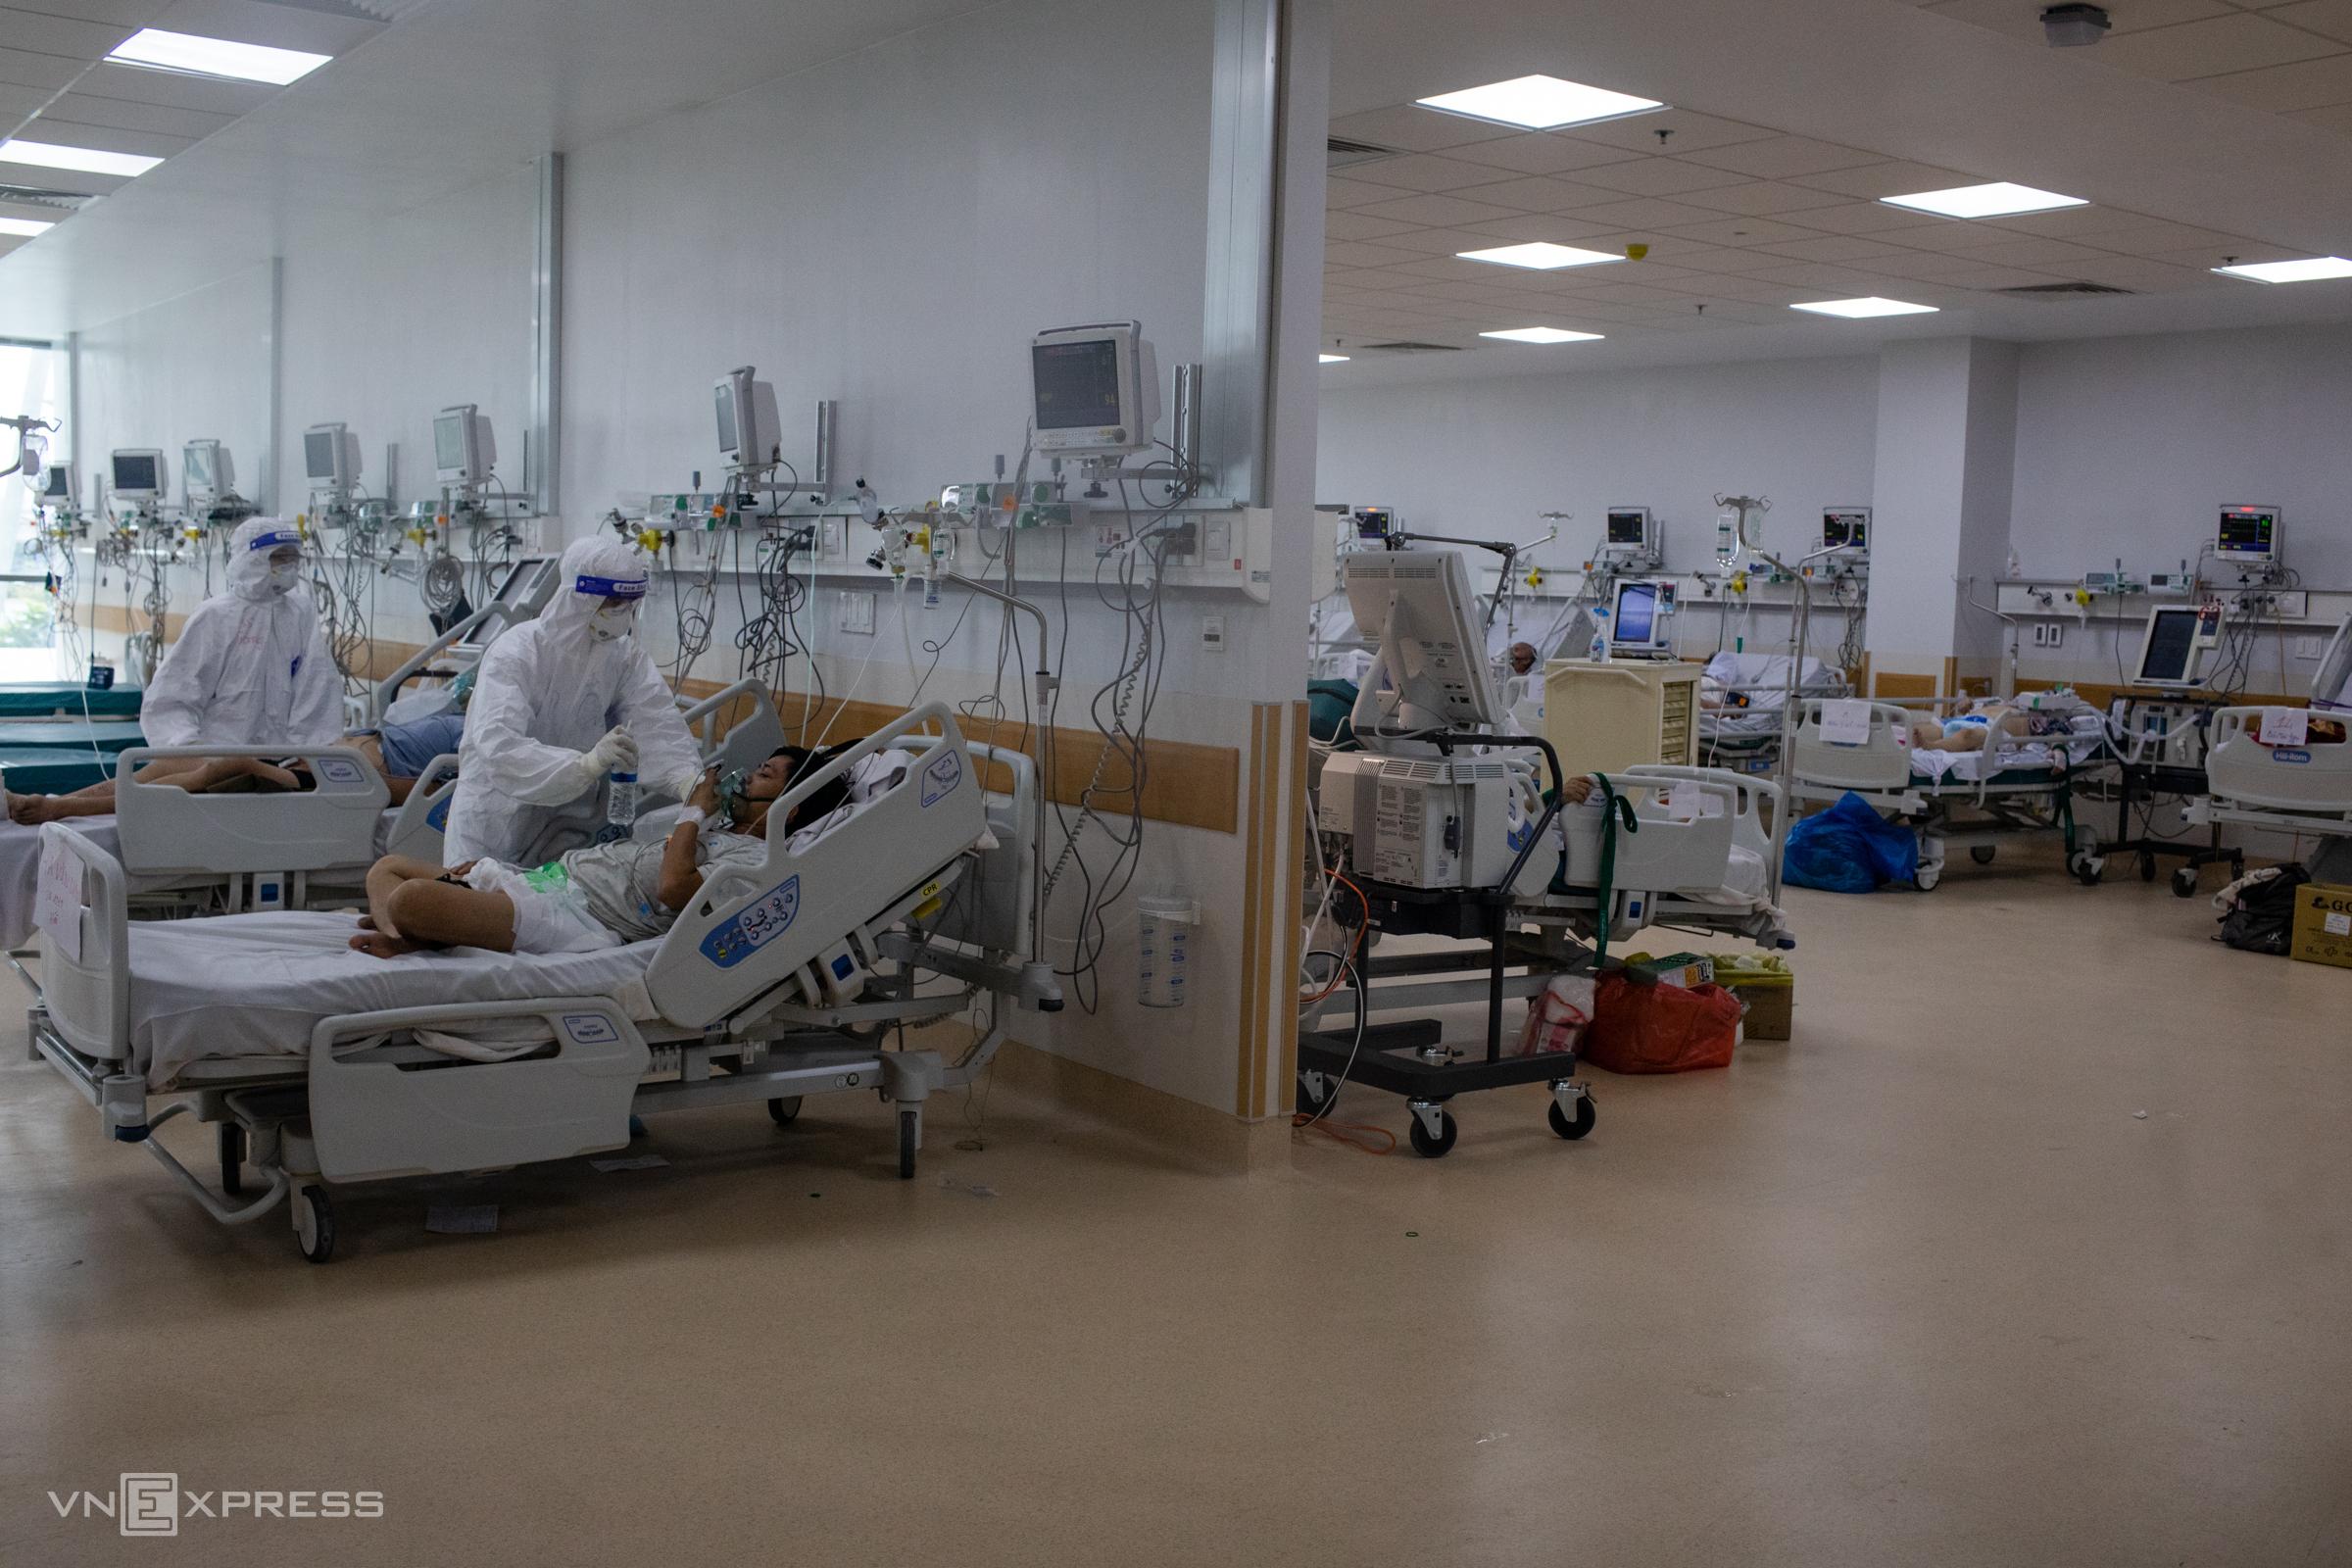 Điều trị ca nhiễm tại Bệnh viện Hồi sức Covid-19 TP HCM, hôm 21/7. Ảnh: Thành Nguyễn